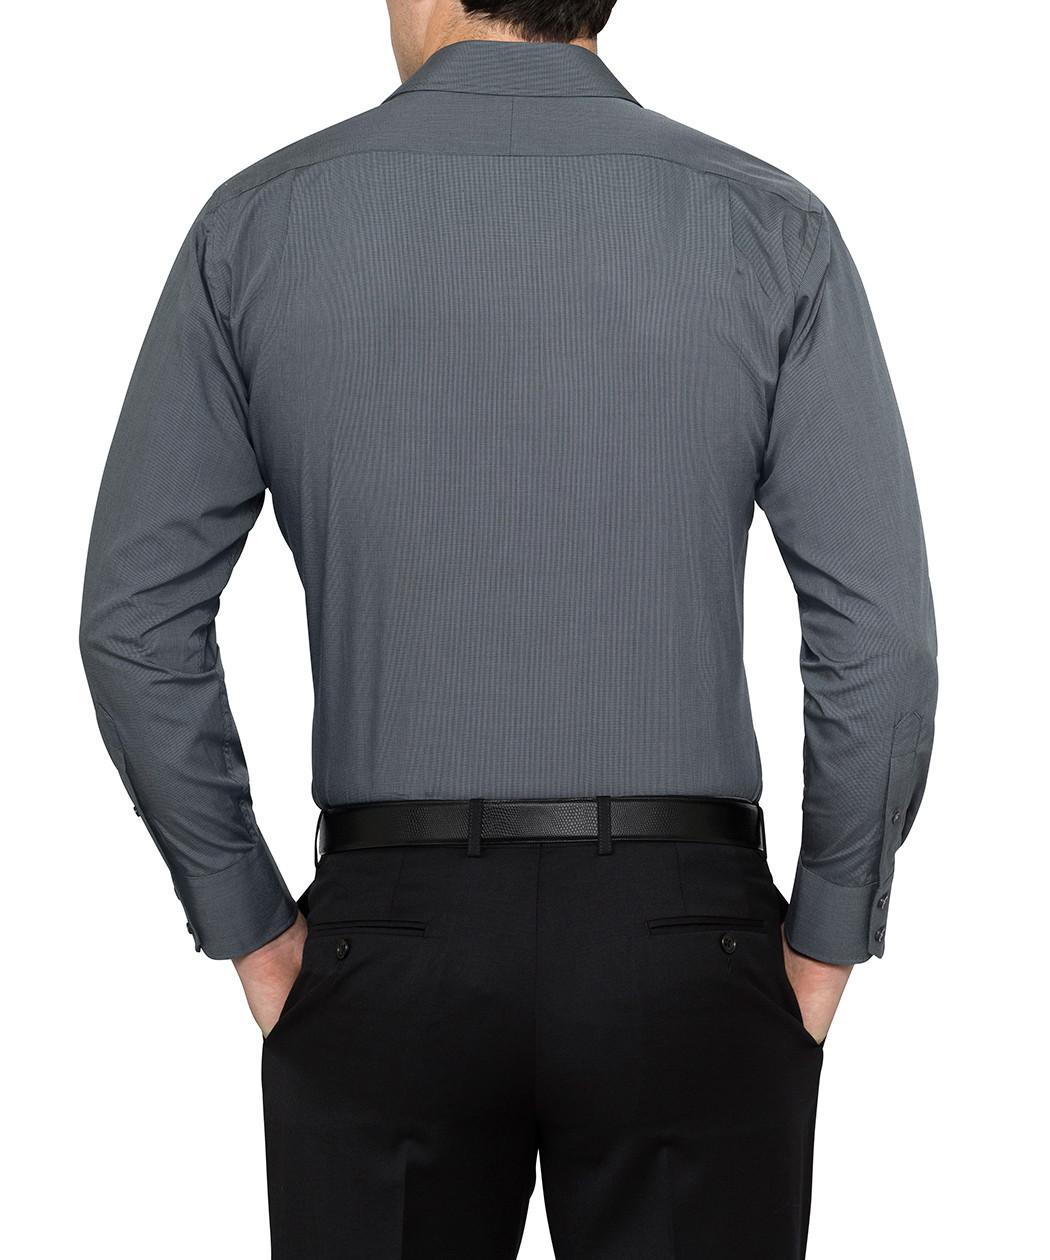 van heusen studio solid charcoal euro fit shirt van